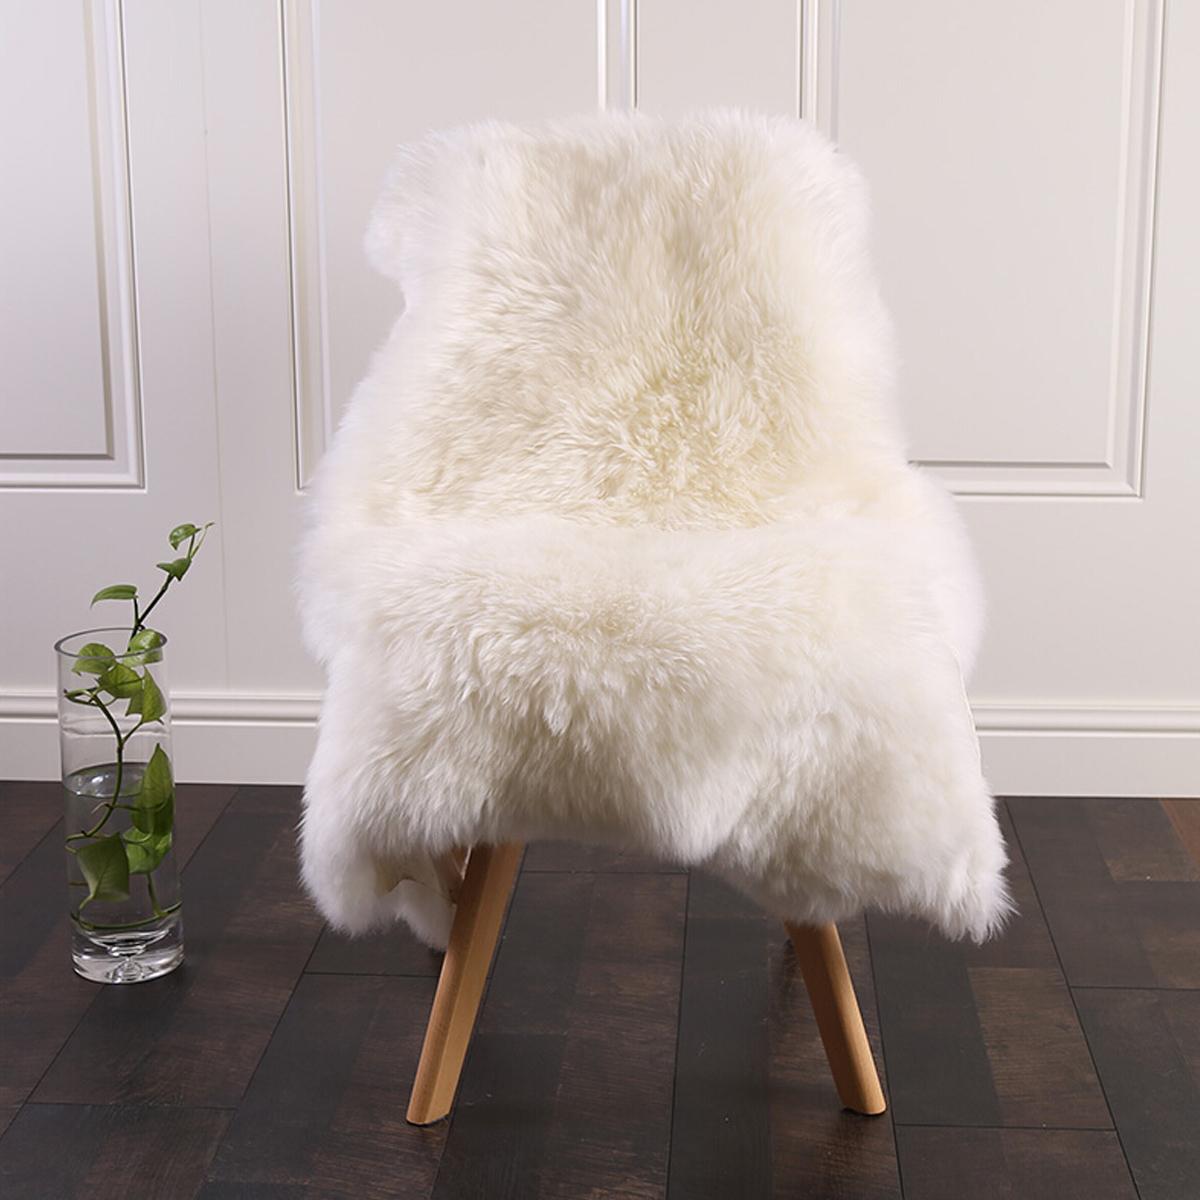 ko lammfell teppich schaffell sofa matte echtes fell barhocker geeignet 833 ebay. Black Bedroom Furniture Sets. Home Design Ideas